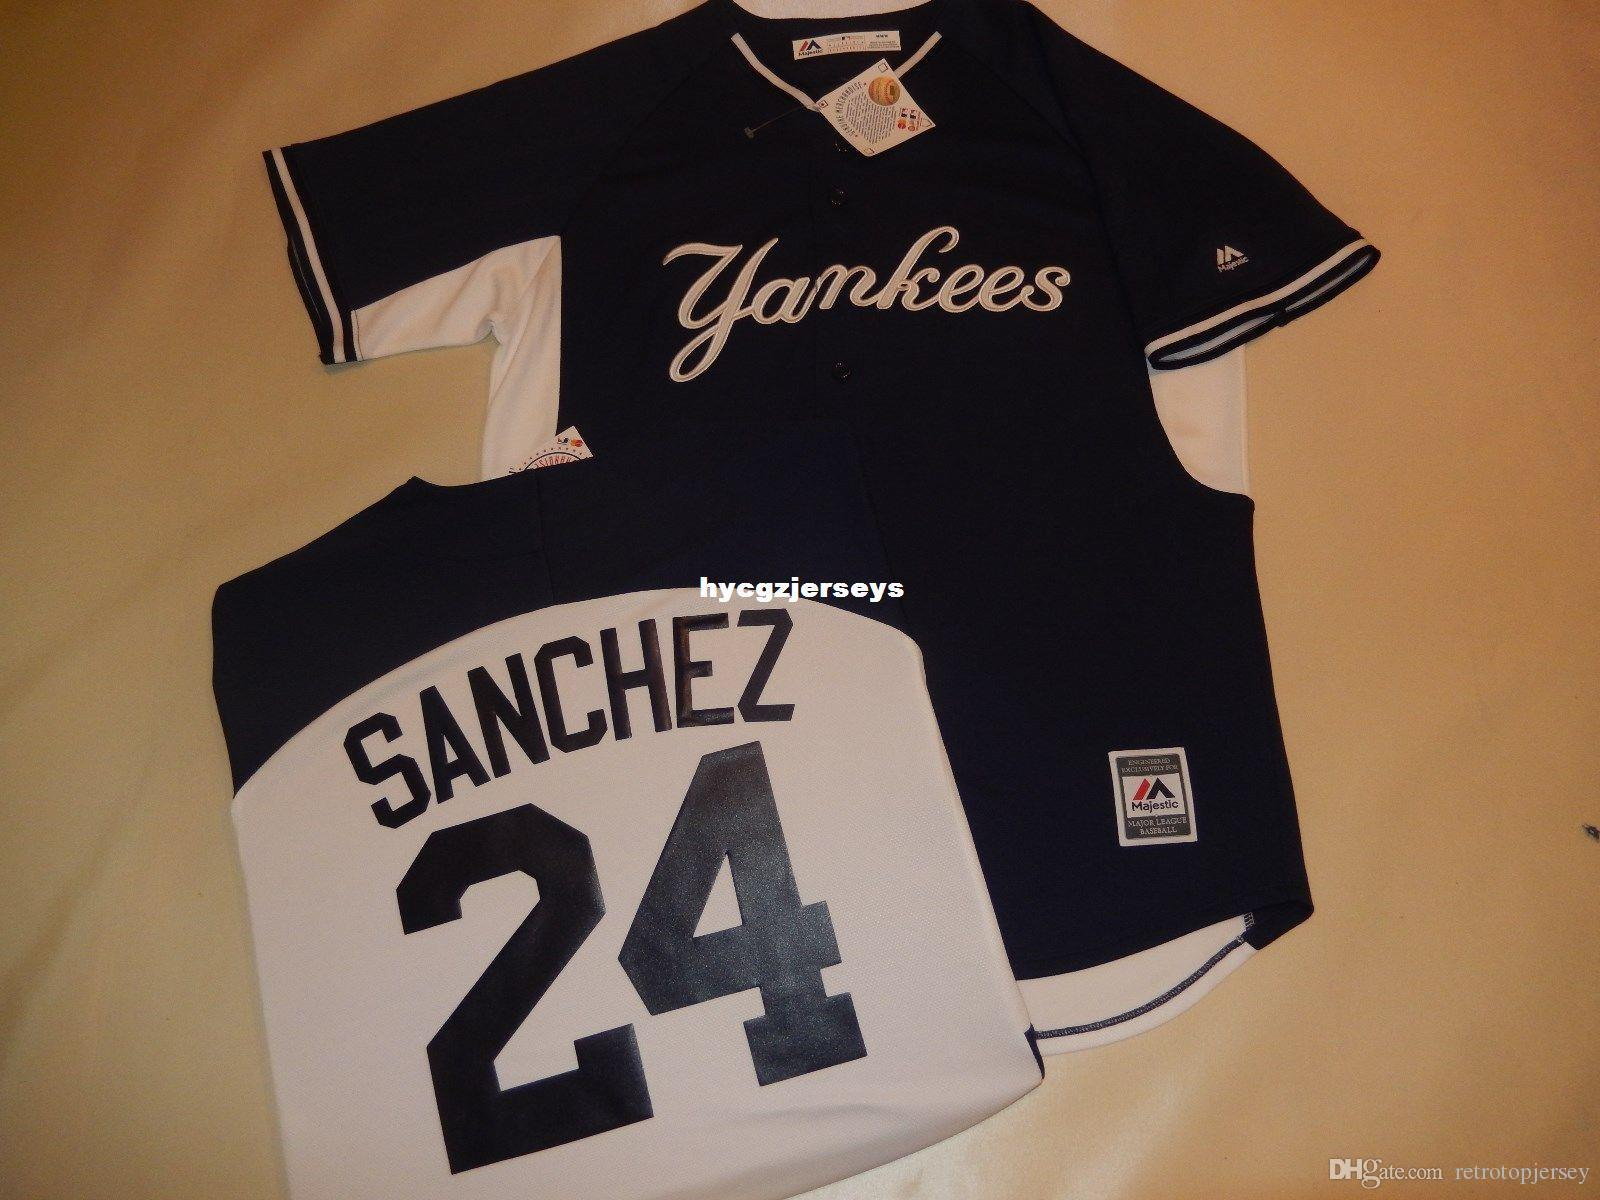 Günstige Baseball NY # 24 GARY SANCHEZ Shirt Jersey BLUE Herren genäht Trikots groß und hoch Größe XS-6XL Zum Verkauf